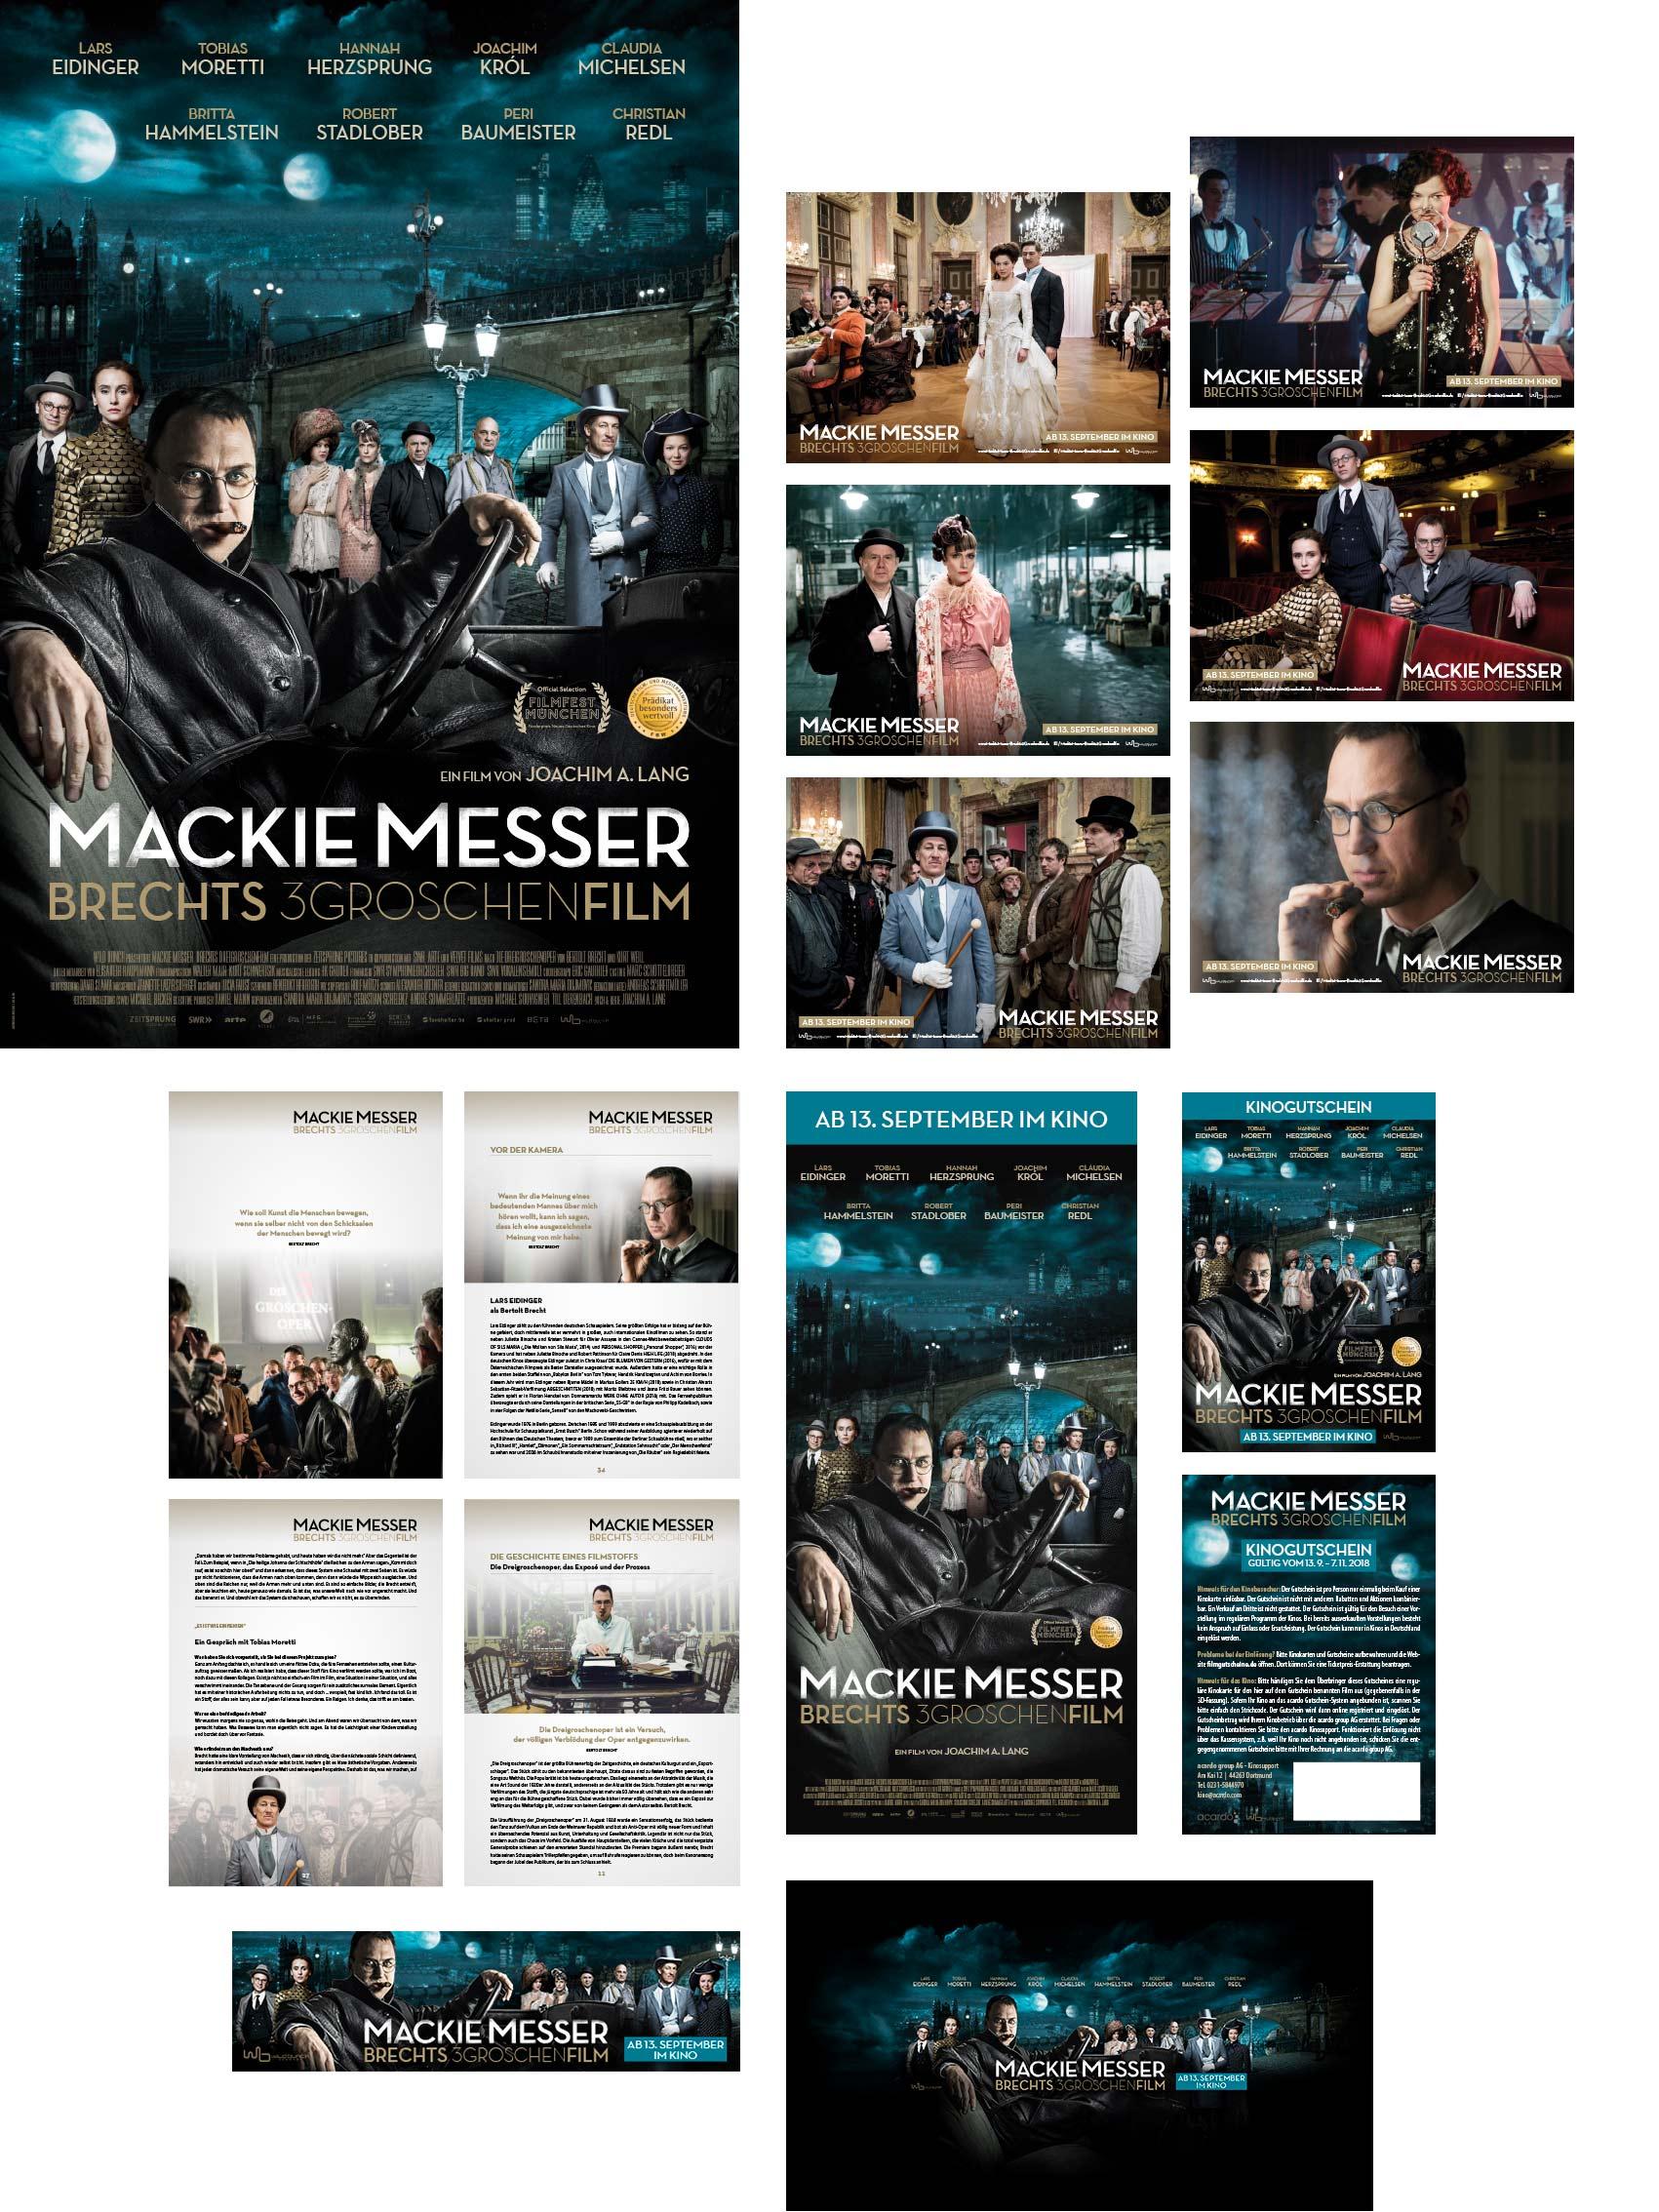 Mackie Messer – Brechts 3Groschenfilm